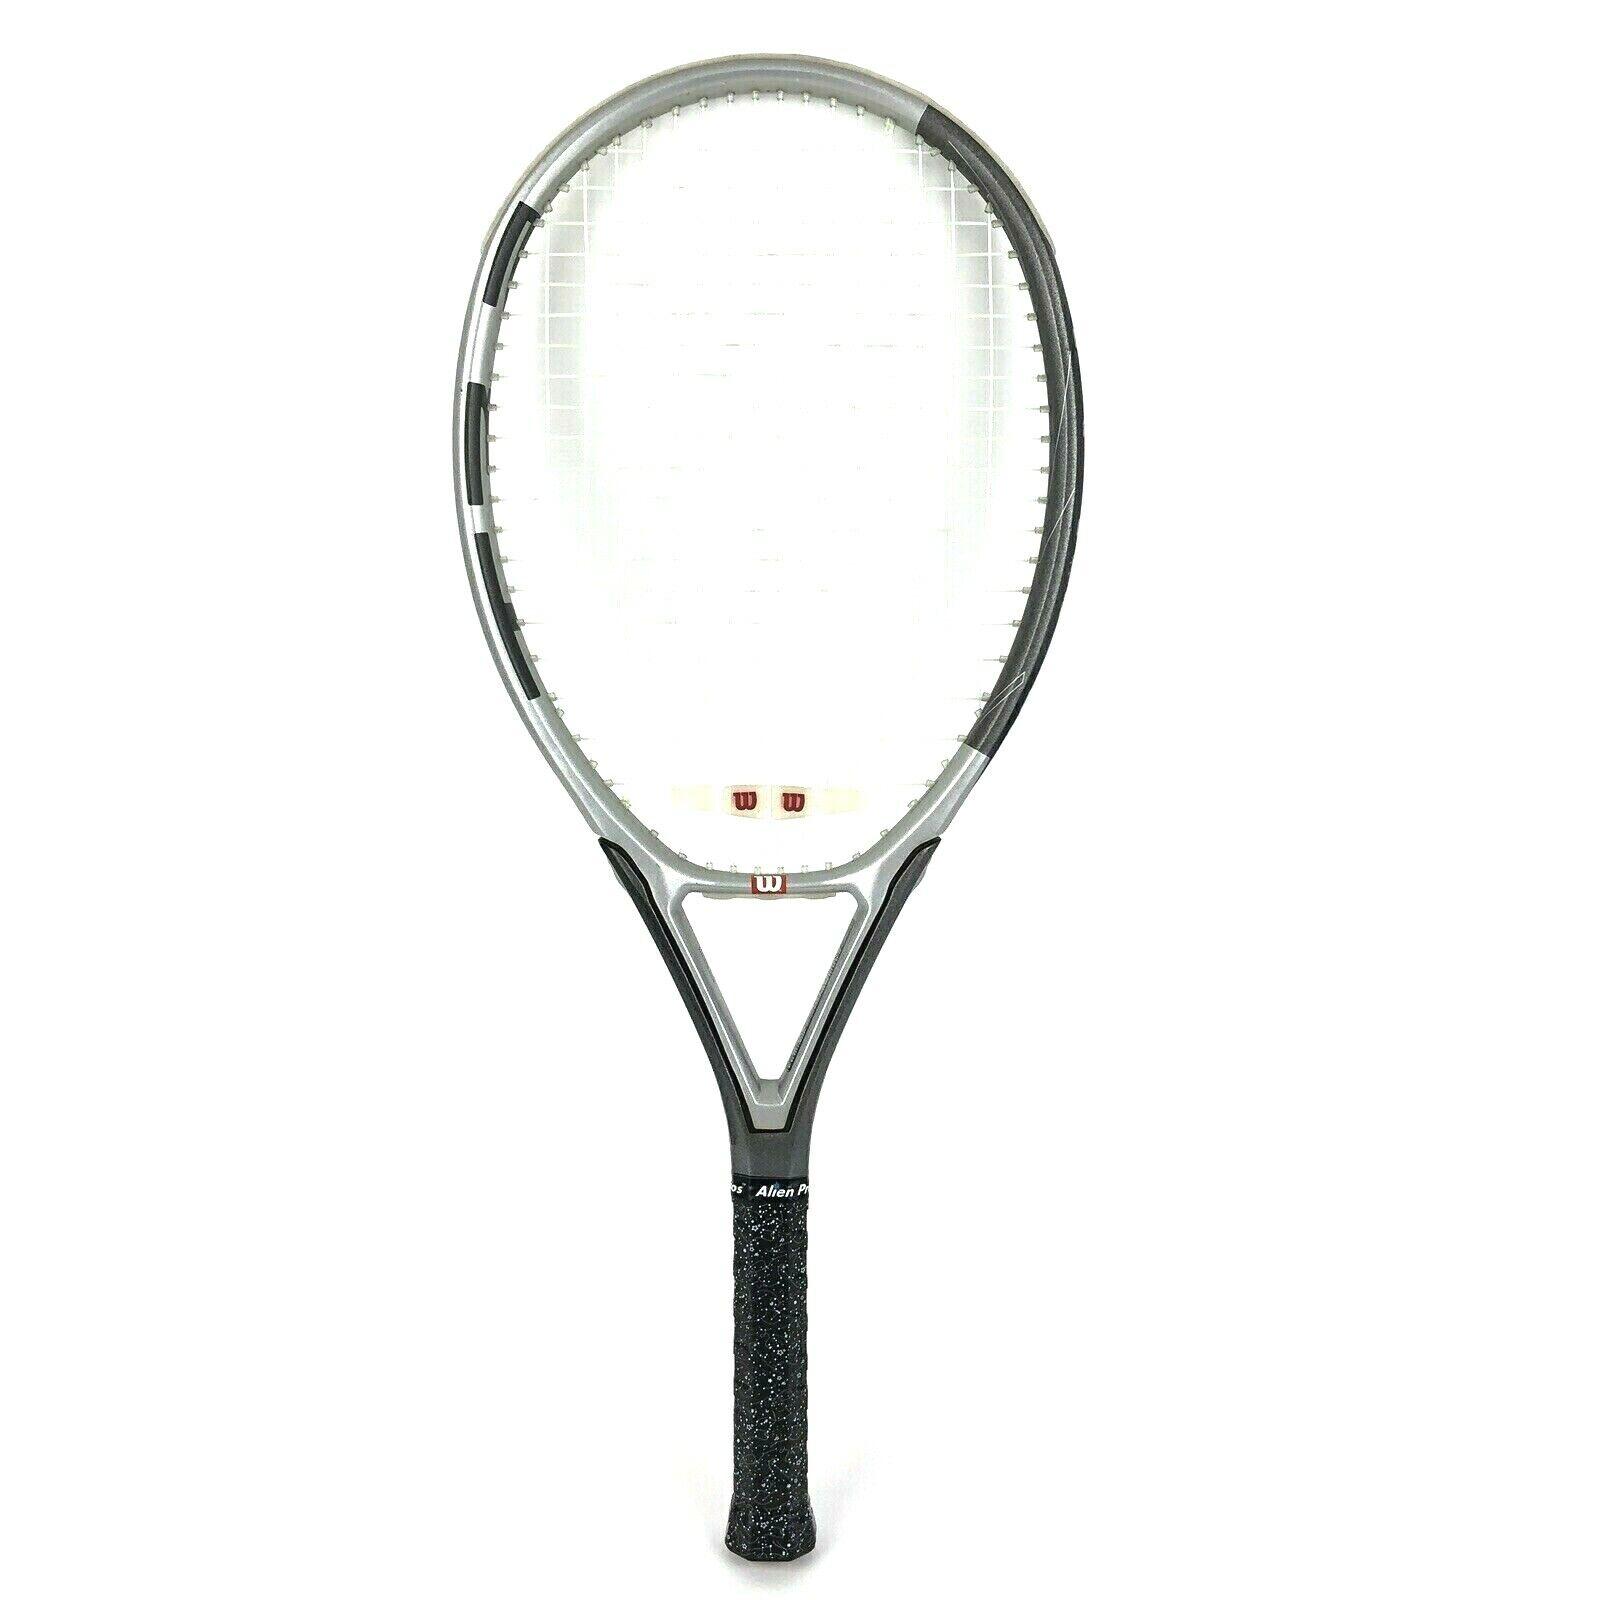 Wilson Triad Hammer 3.2 OverGröße 115 New 4 1 2 grip Tennis Racquet